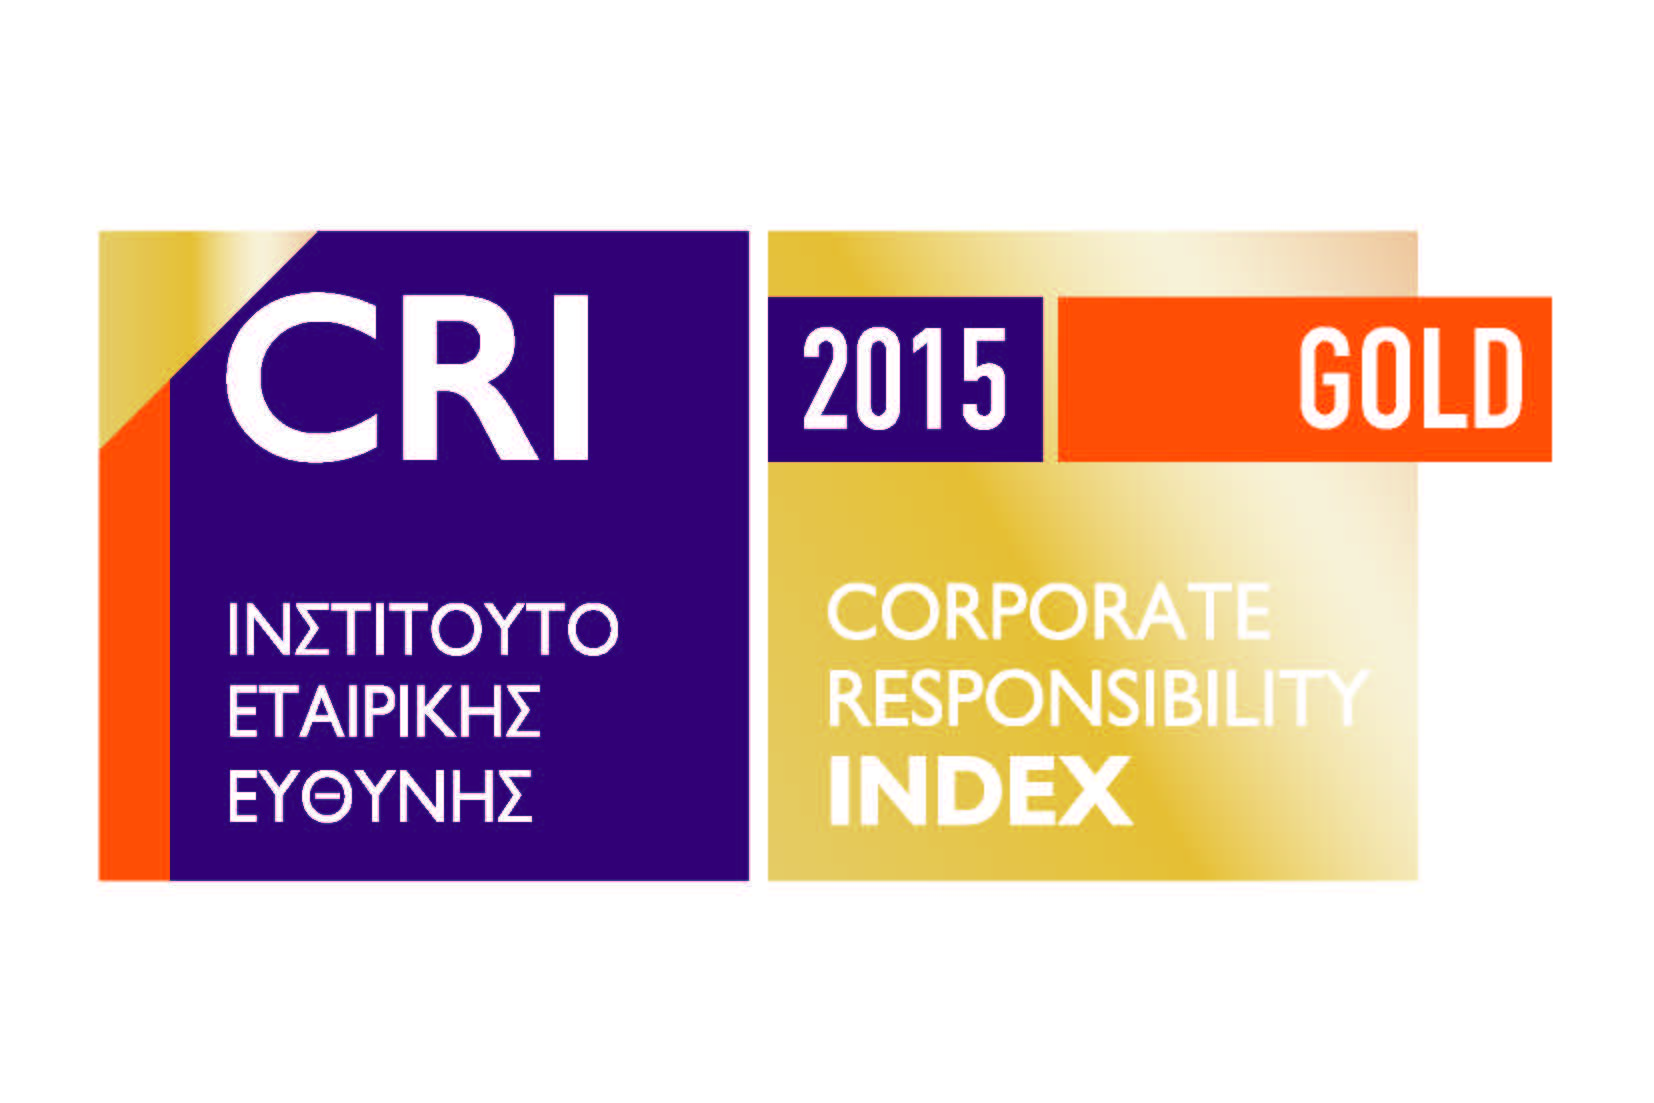 Χρυσή διάκριση για τη Novartis Hellas στον Εθνικό Δείκτη Εταιρικής Ευθύνης